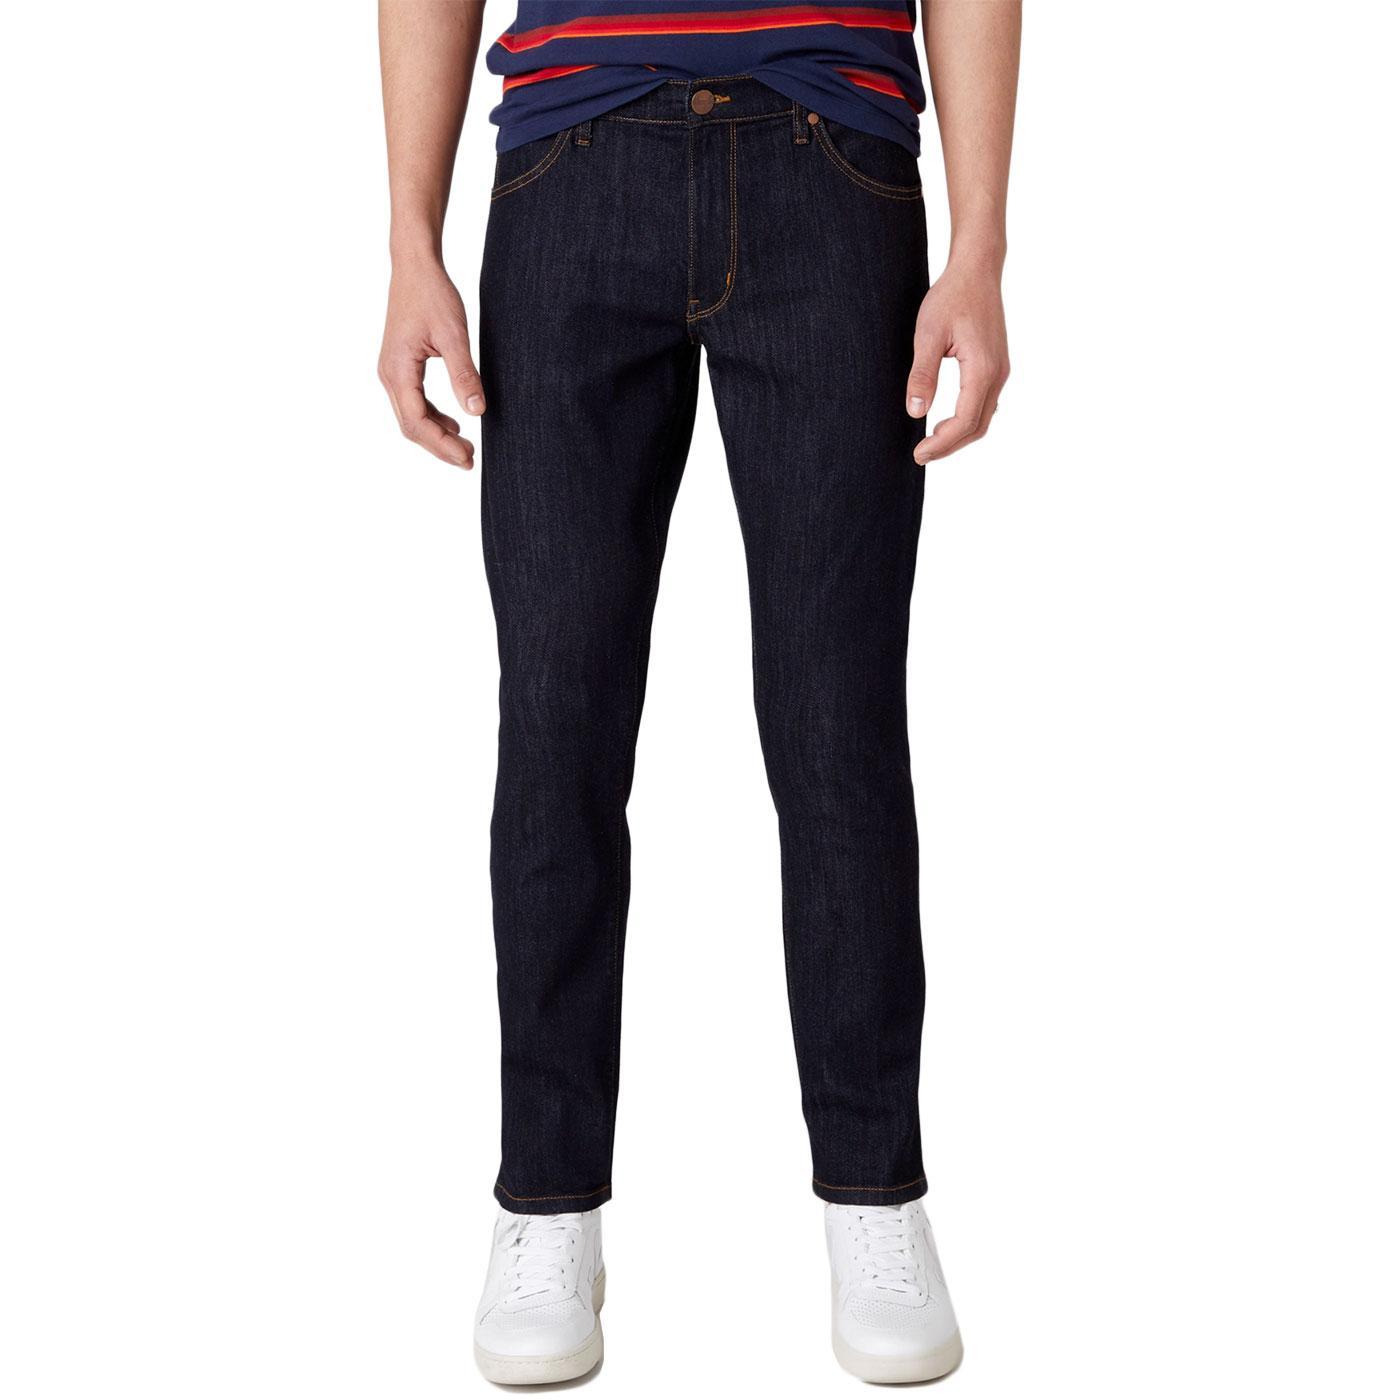 Larston WRANGLER Mod Dark Rinse Slim Tapered Jeans